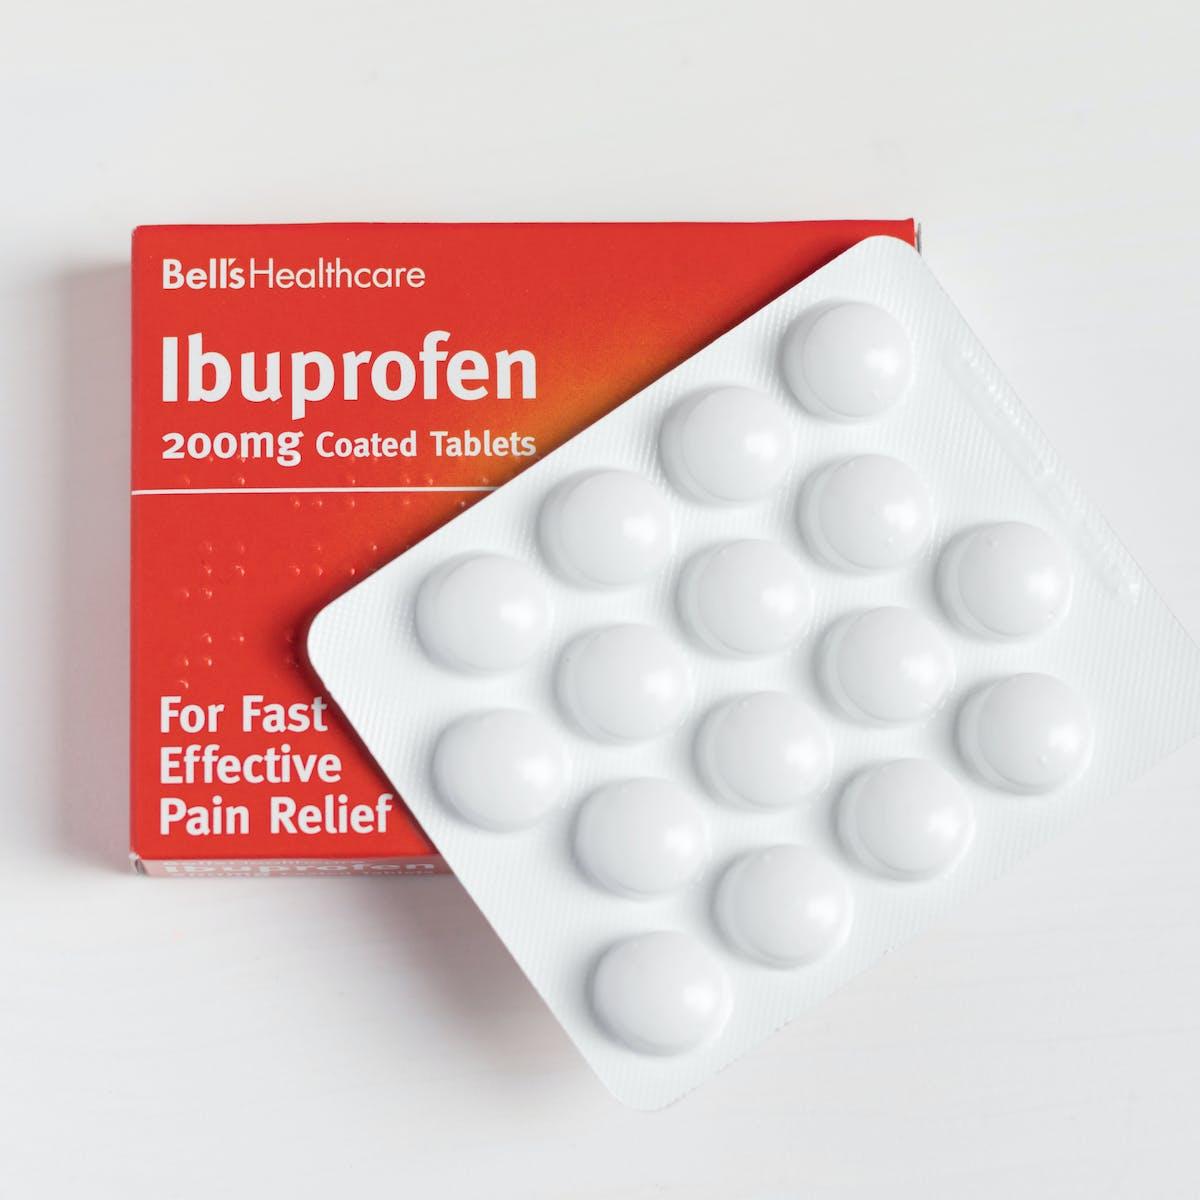 Ibuprofen and COVID-19 symptoms